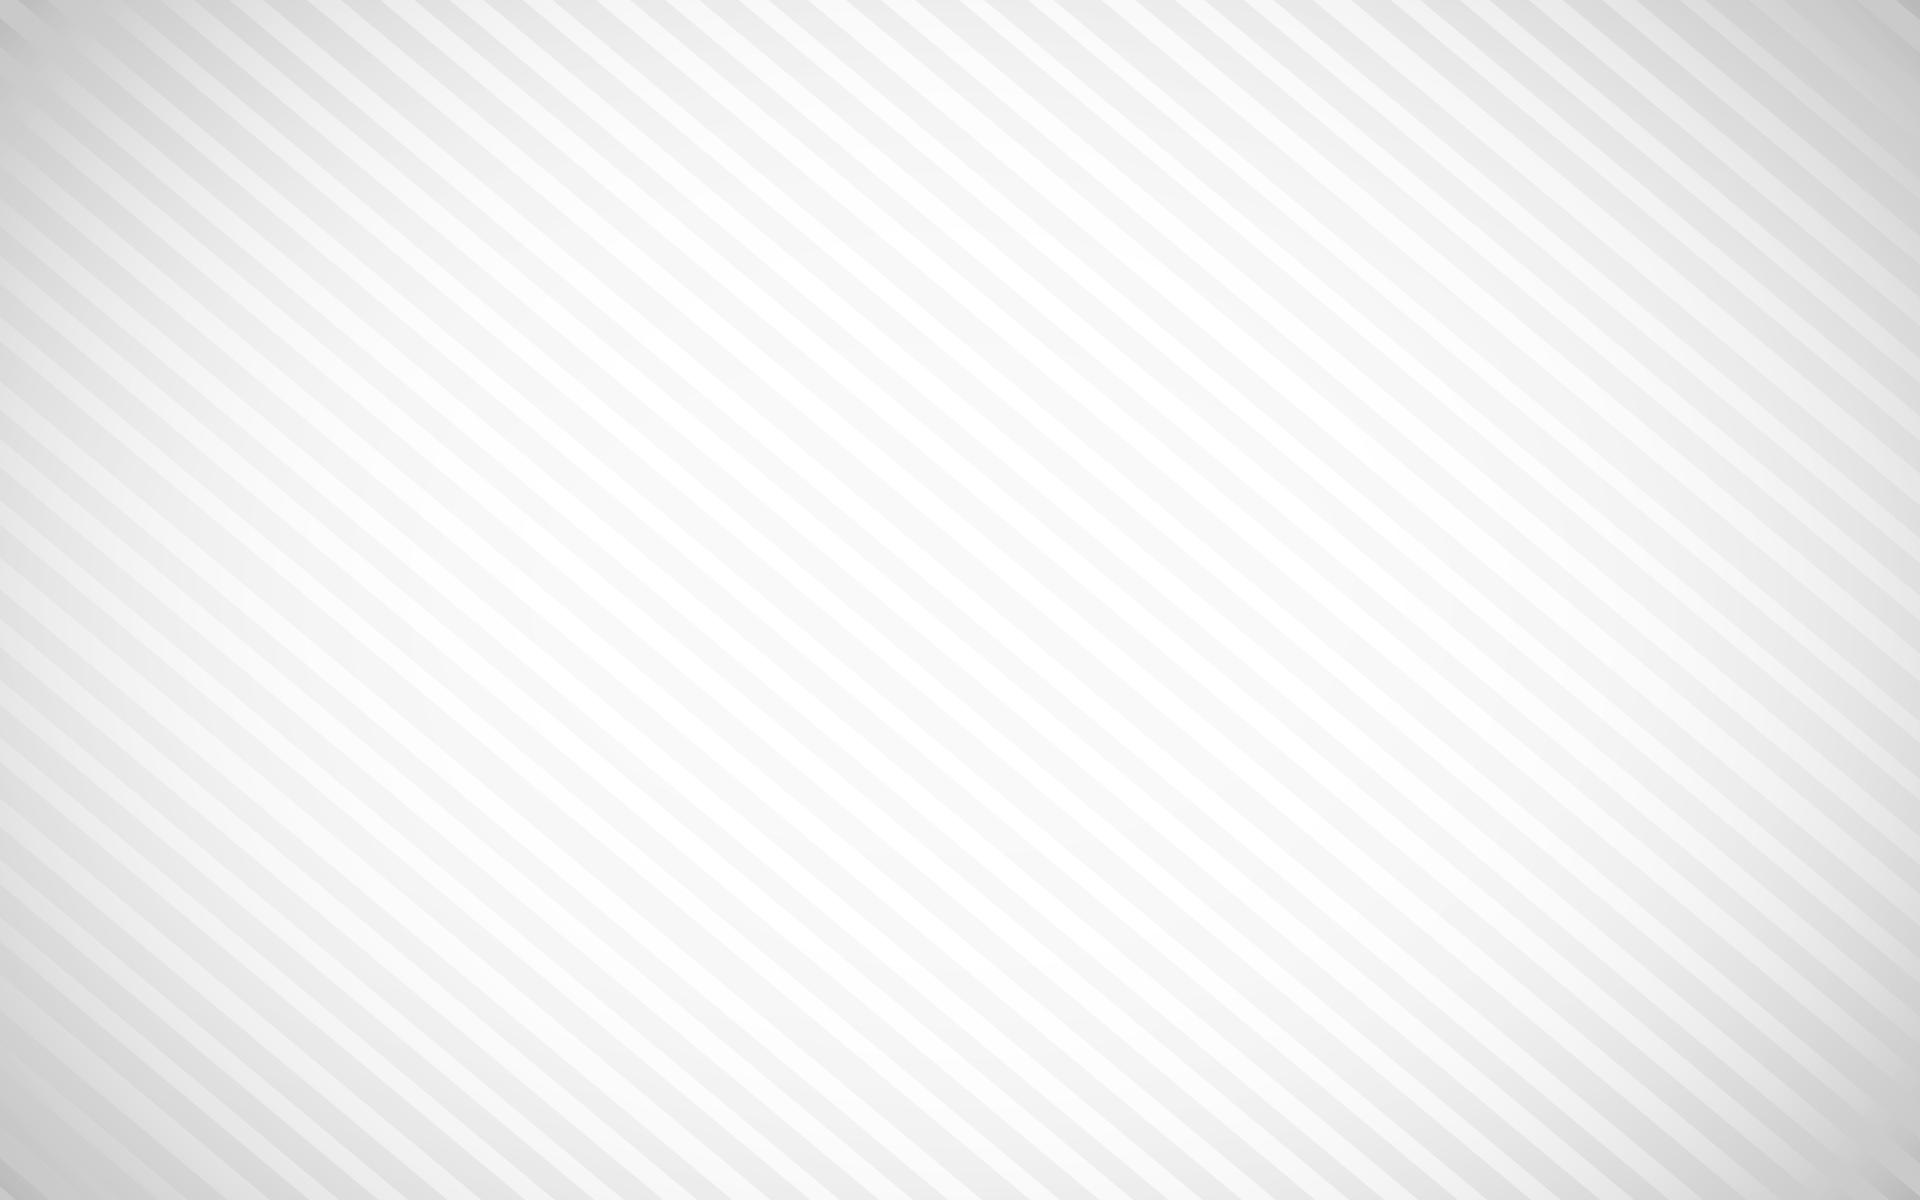 White Wallpaper 18 1920x1200